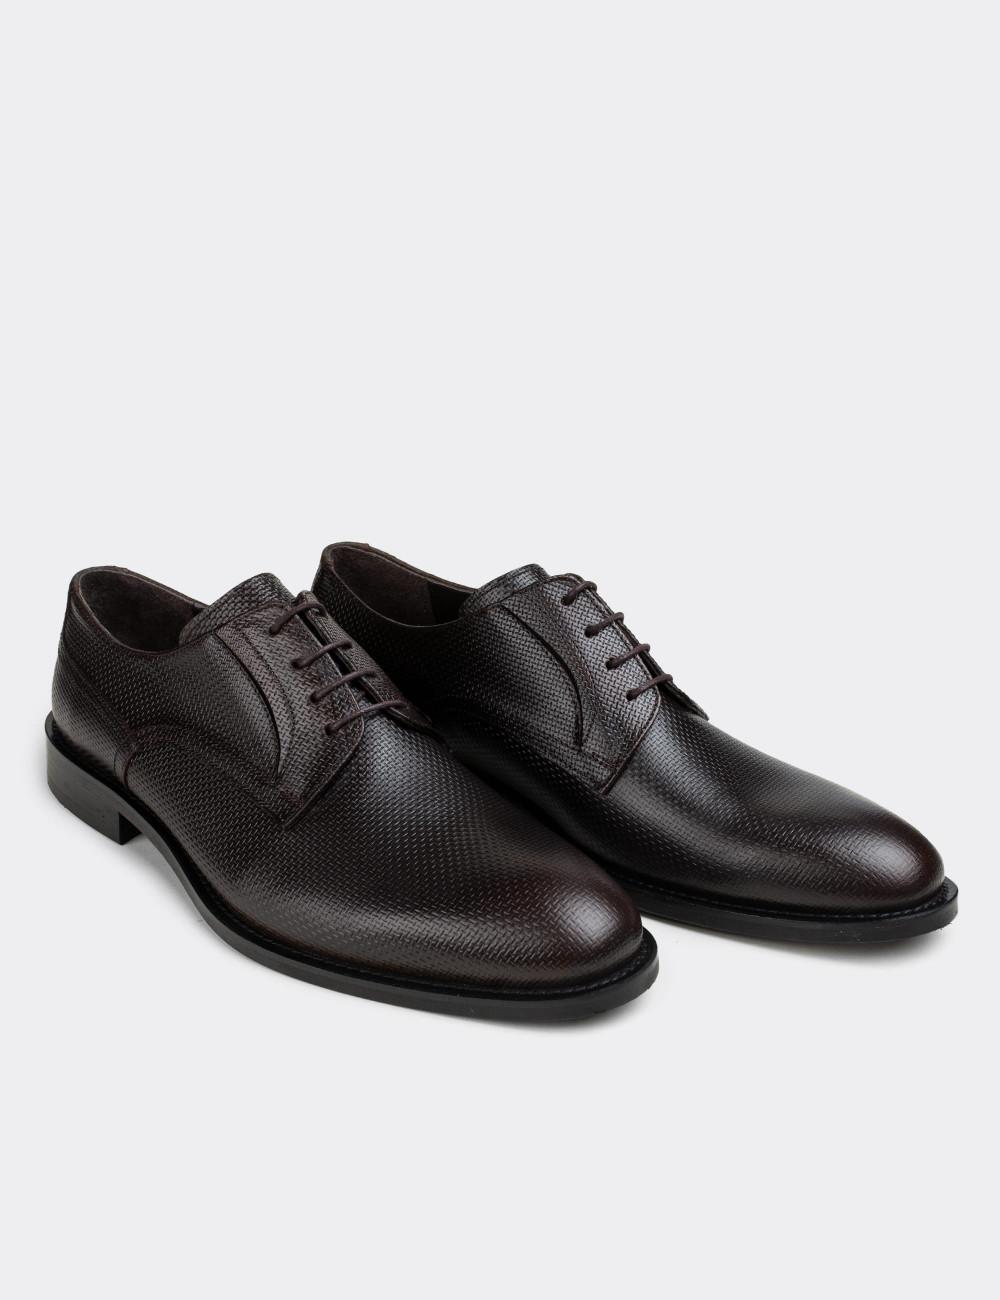 Hakiki Deri Kahverengi Klasik Erkek Ayakkabı - 01294MKHVN02